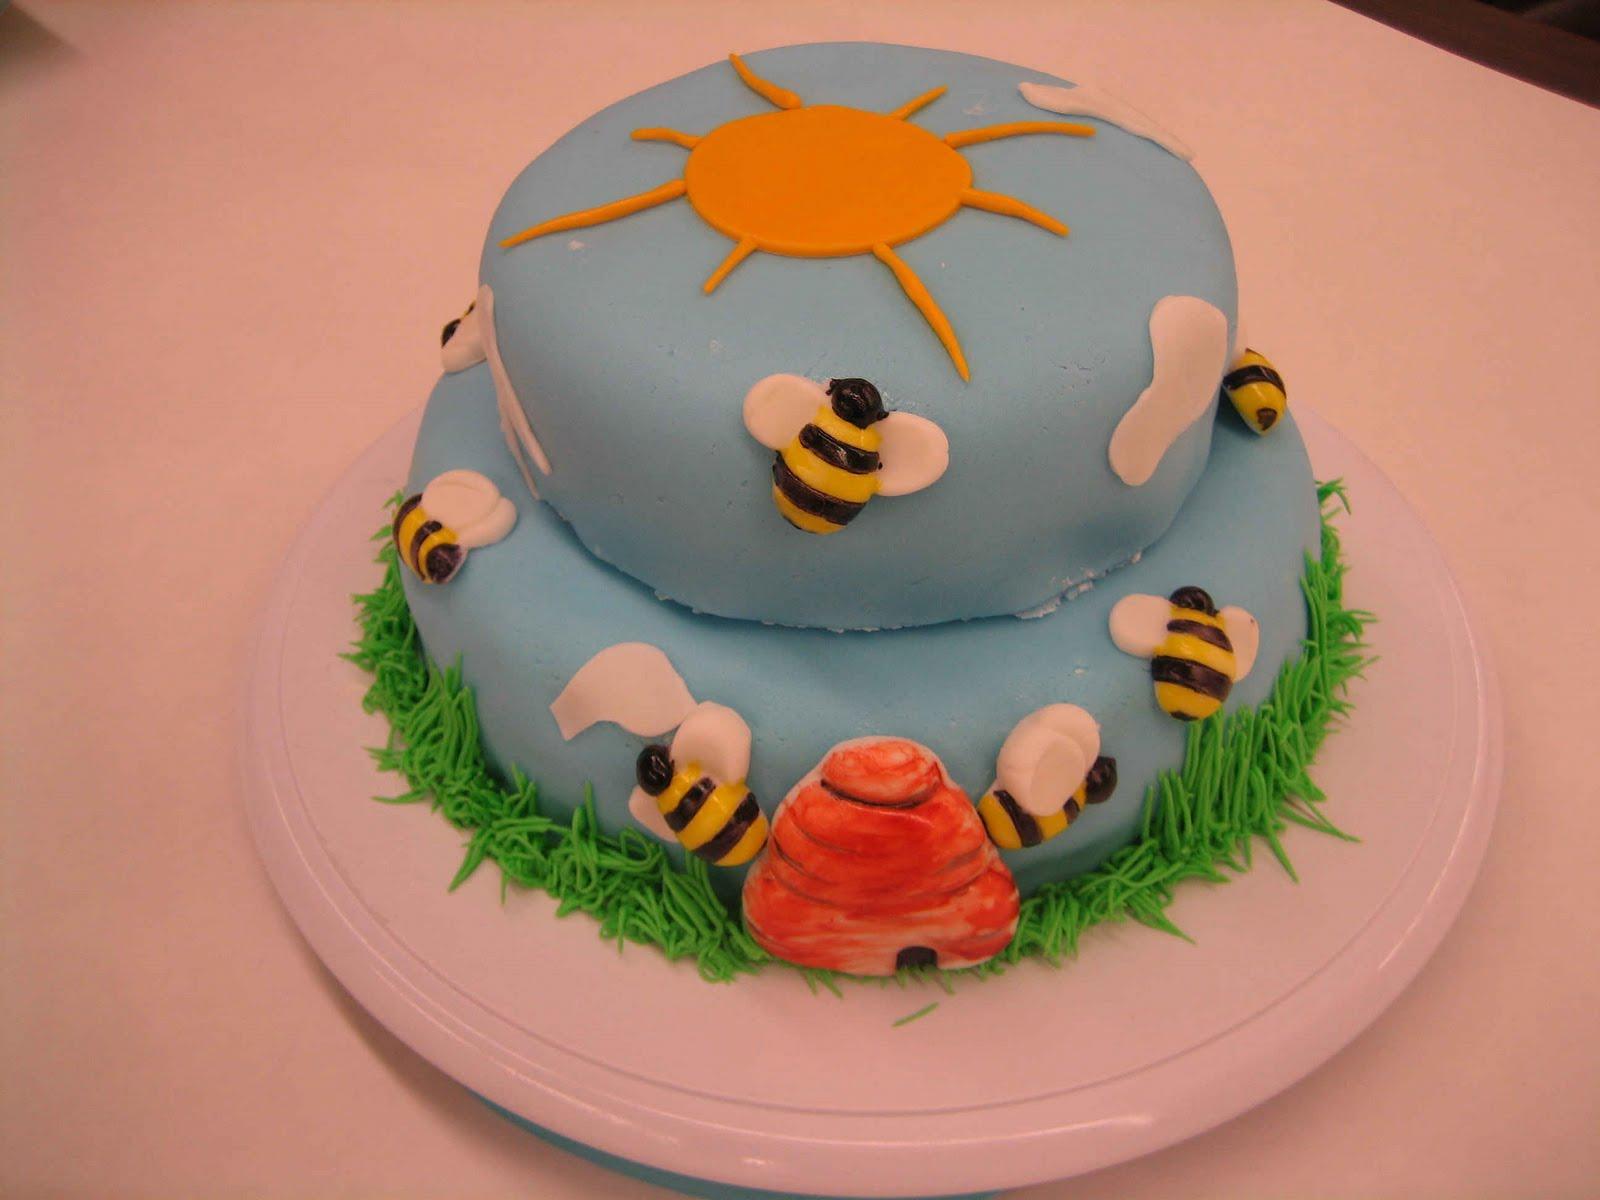 Cake Decorating Gum Paste Nz : Learn2Decorate: Fondant & Gum Paste Cakes